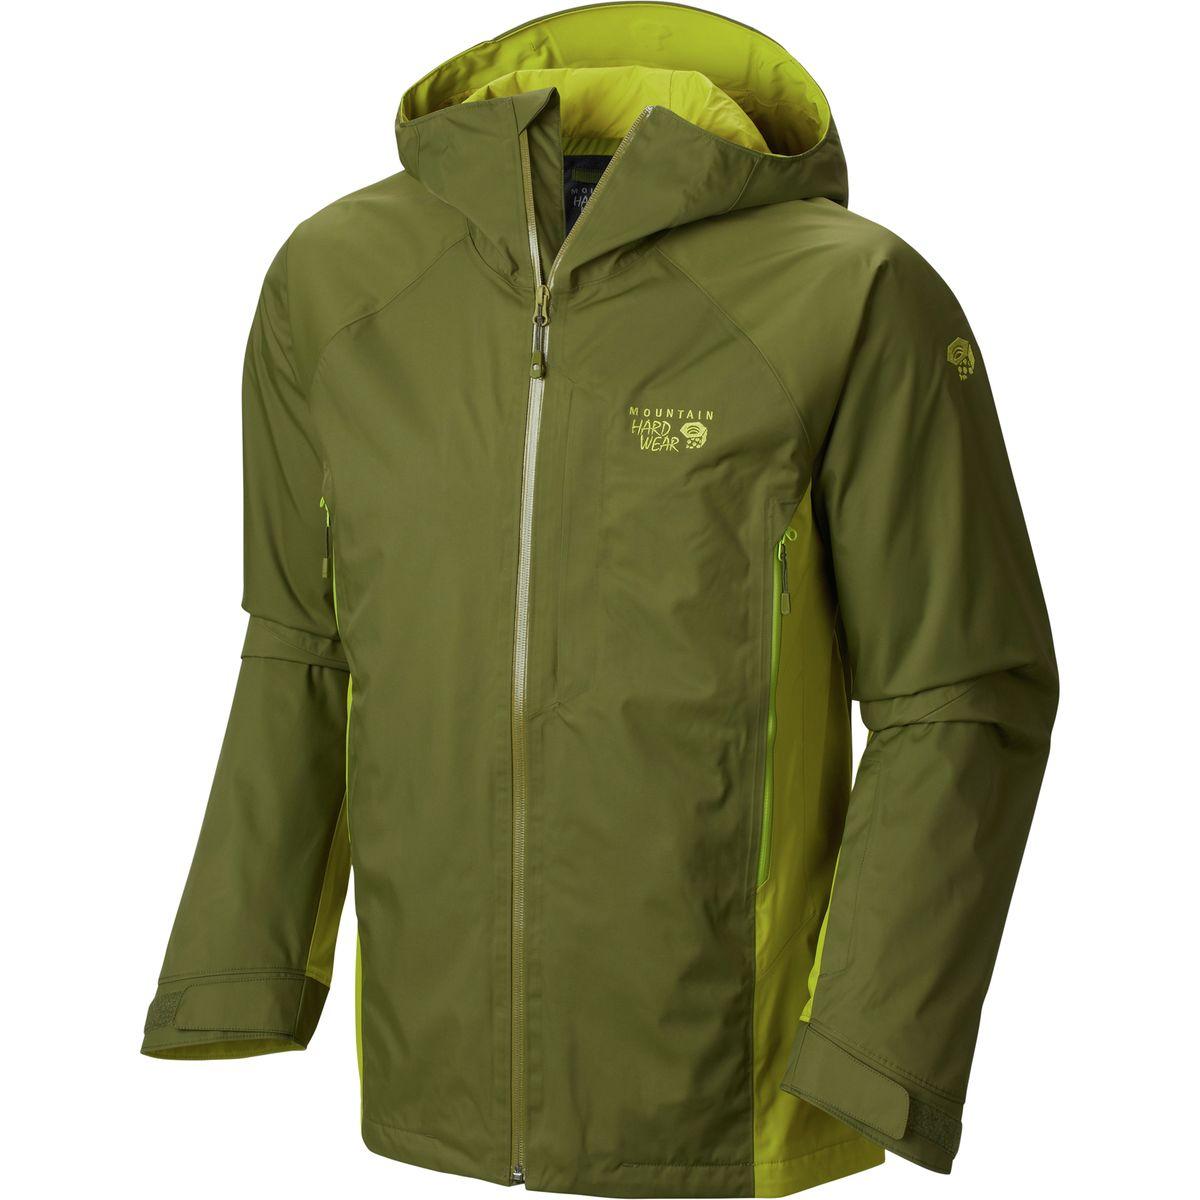 Mountain Hardwear Sluice Jacket